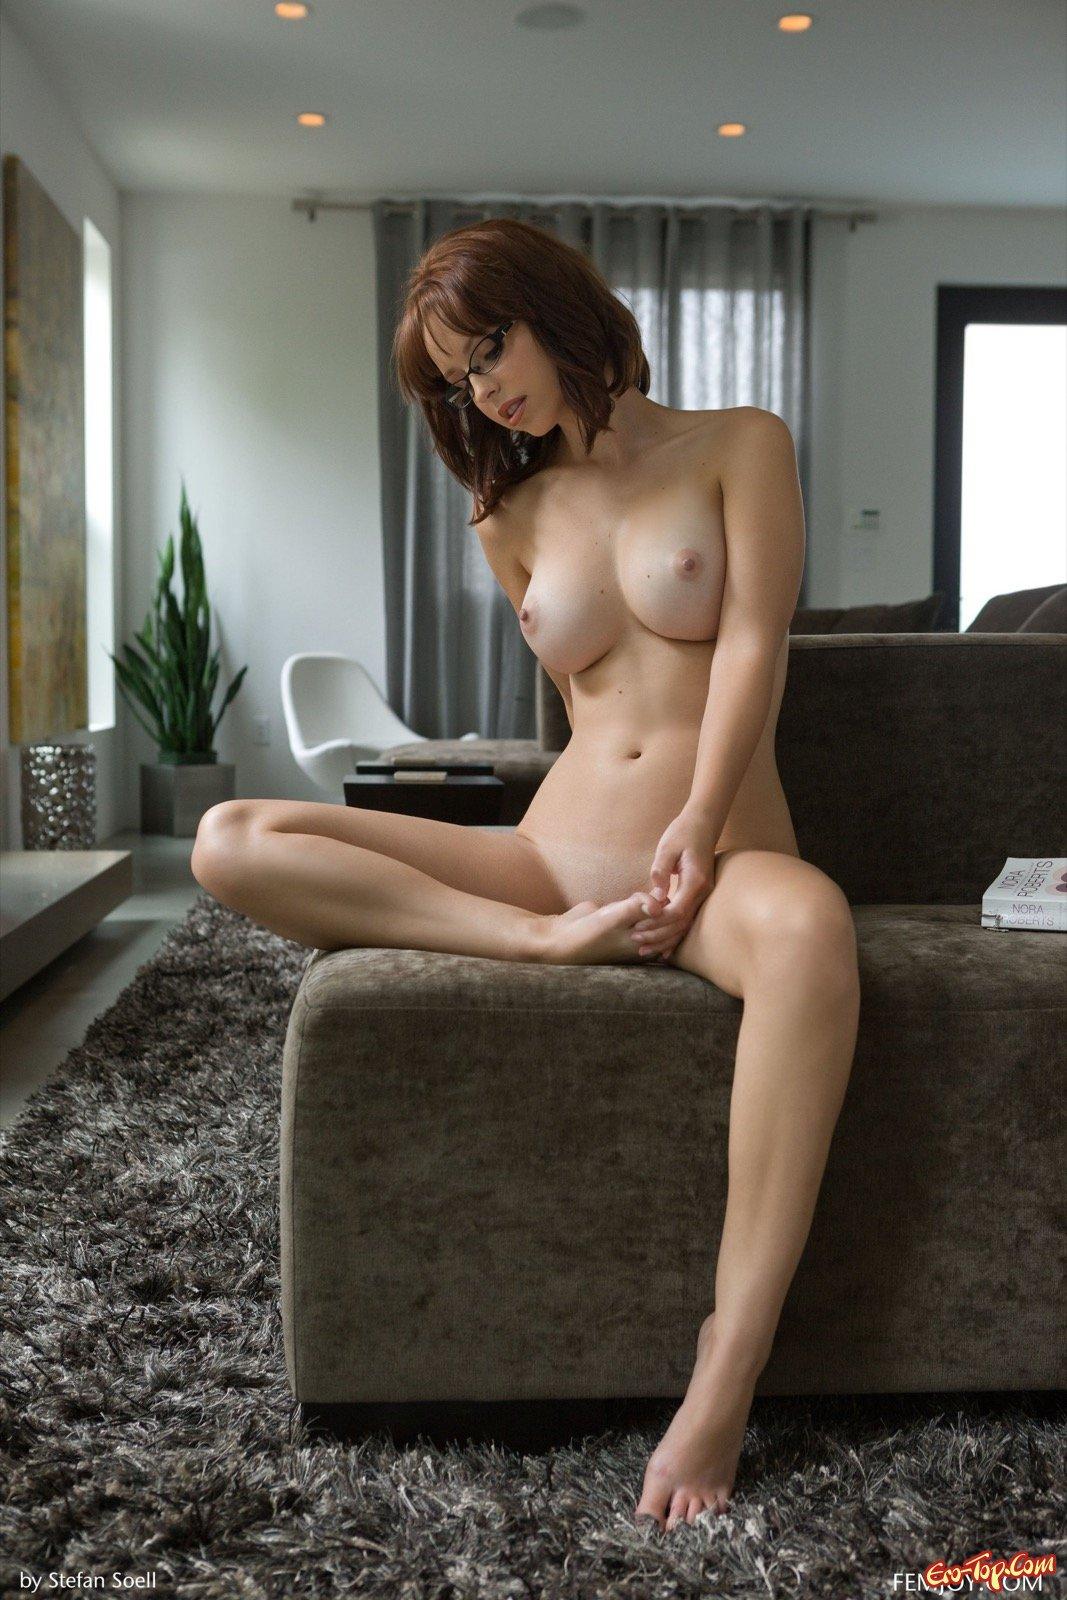 Шатенка с упругими титьками обнажилась сидя на диване